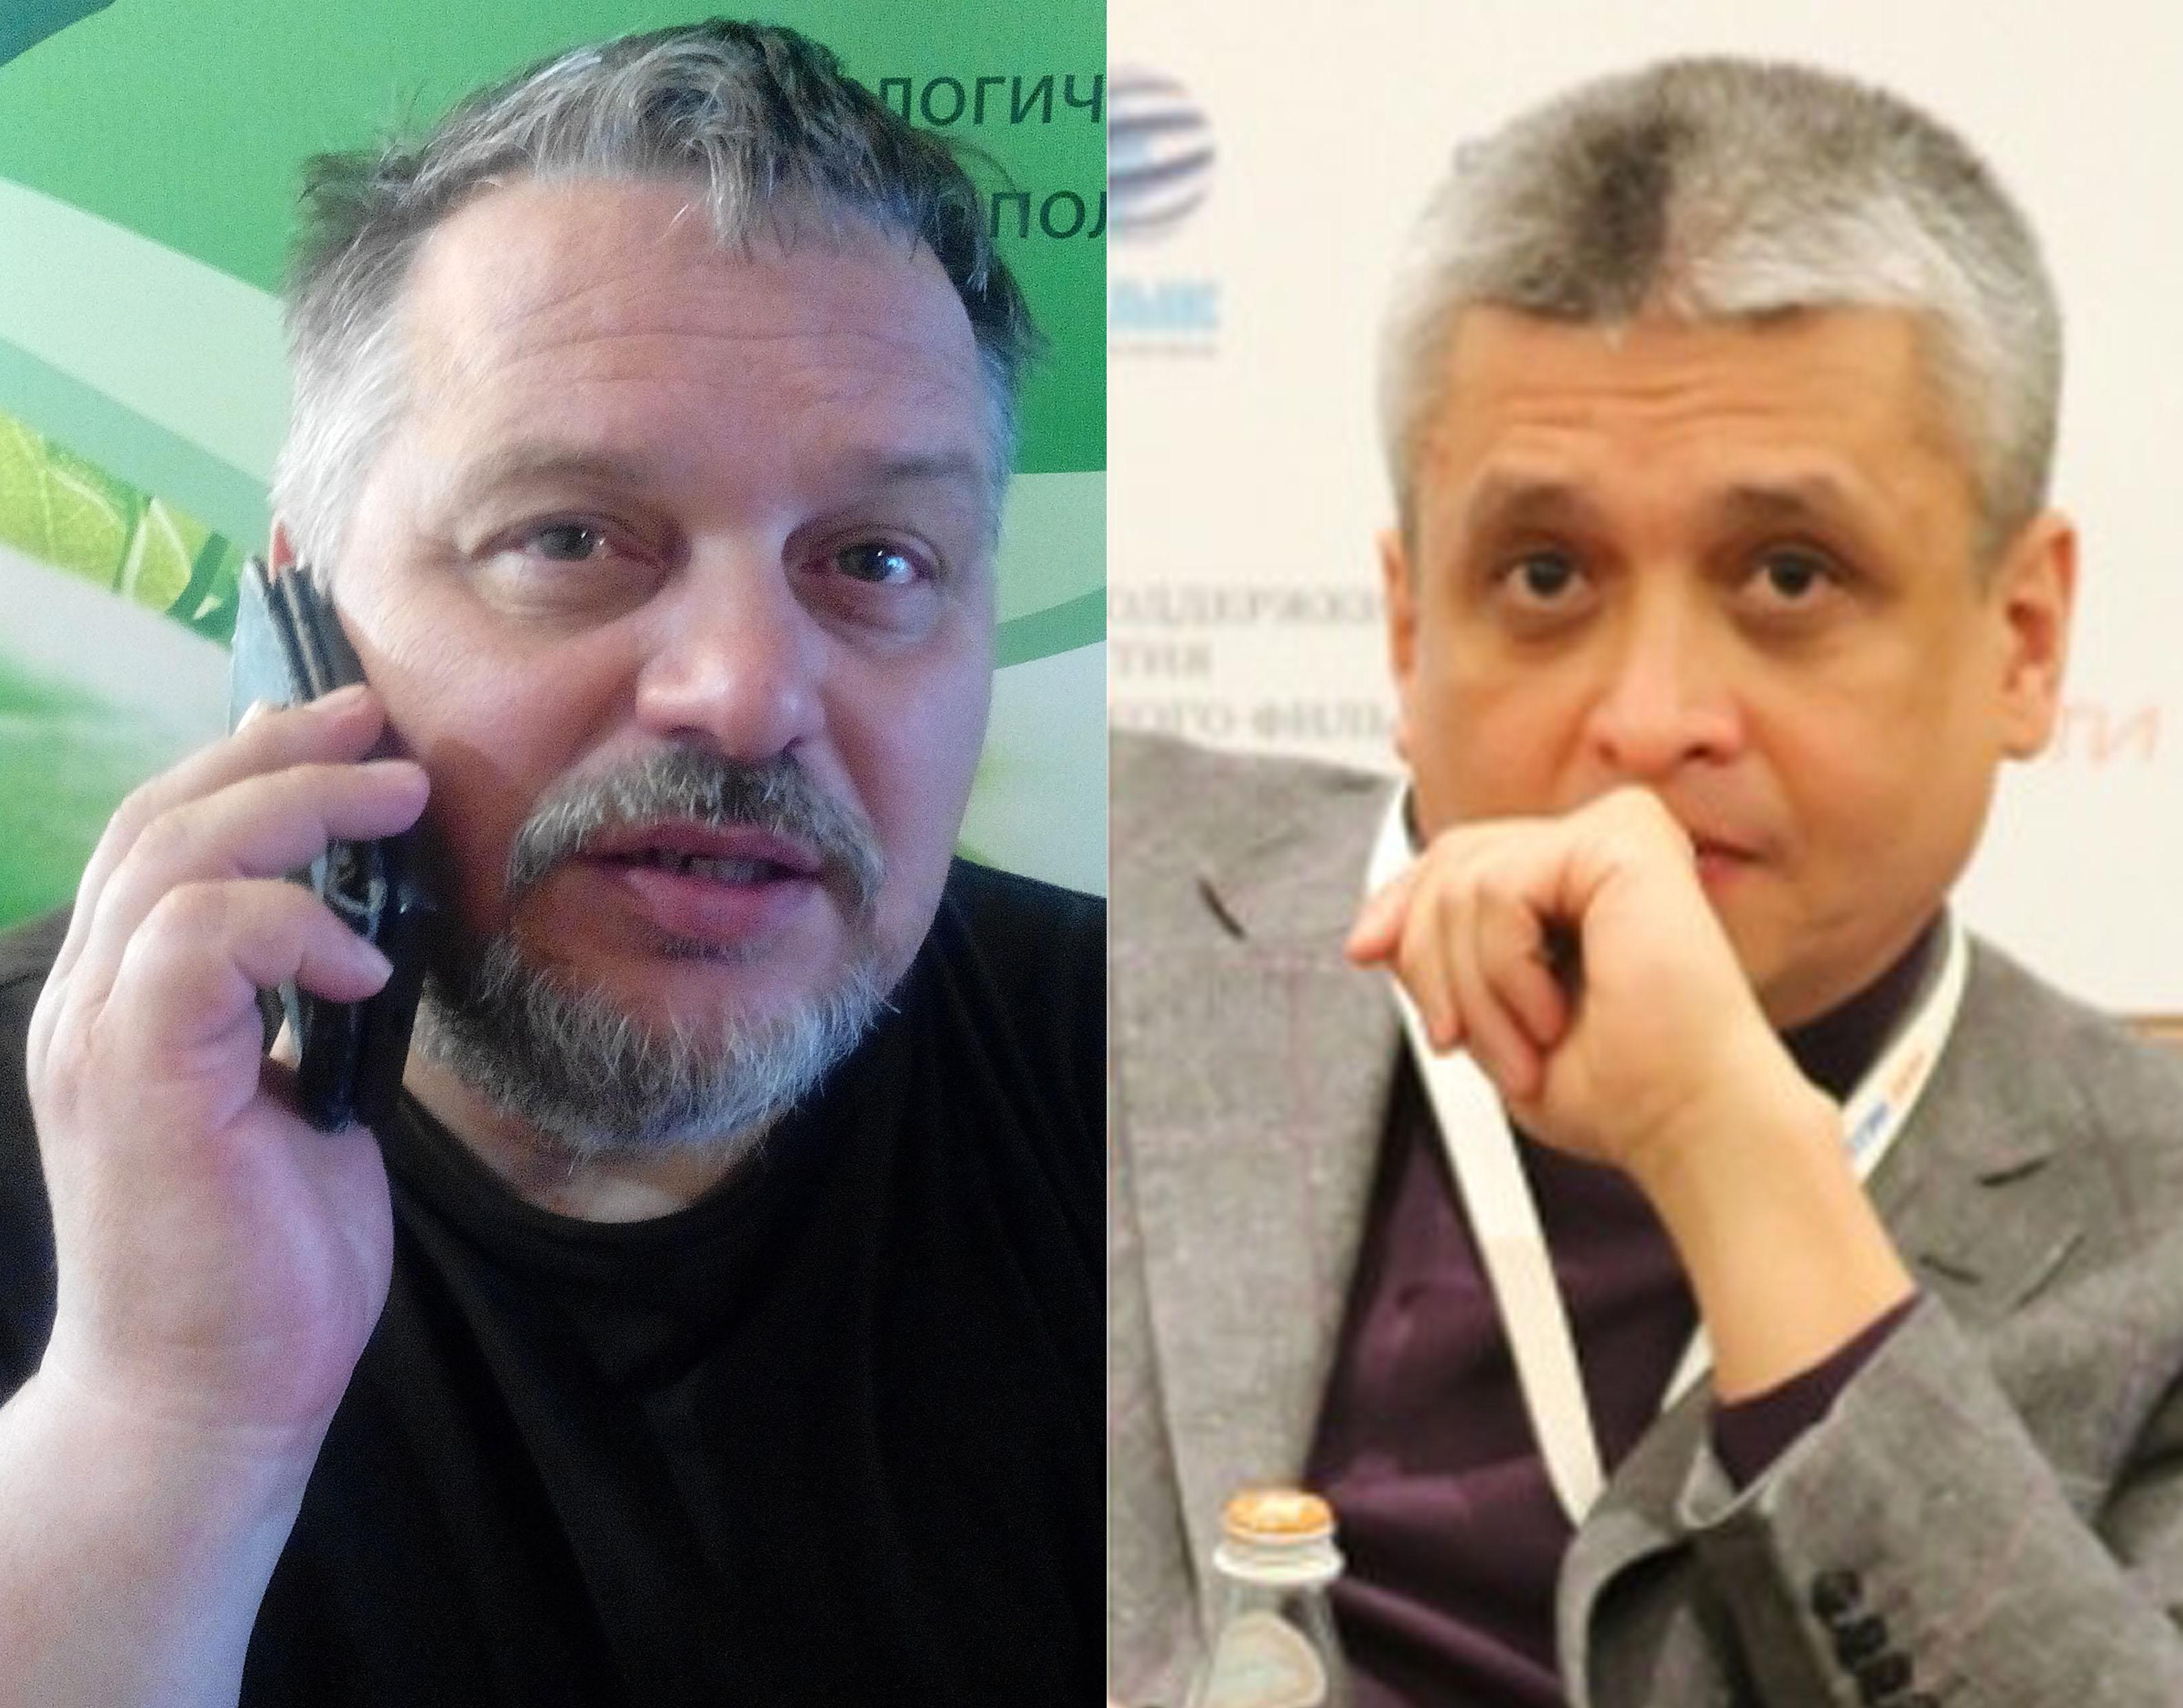 Igor Elmurod 1